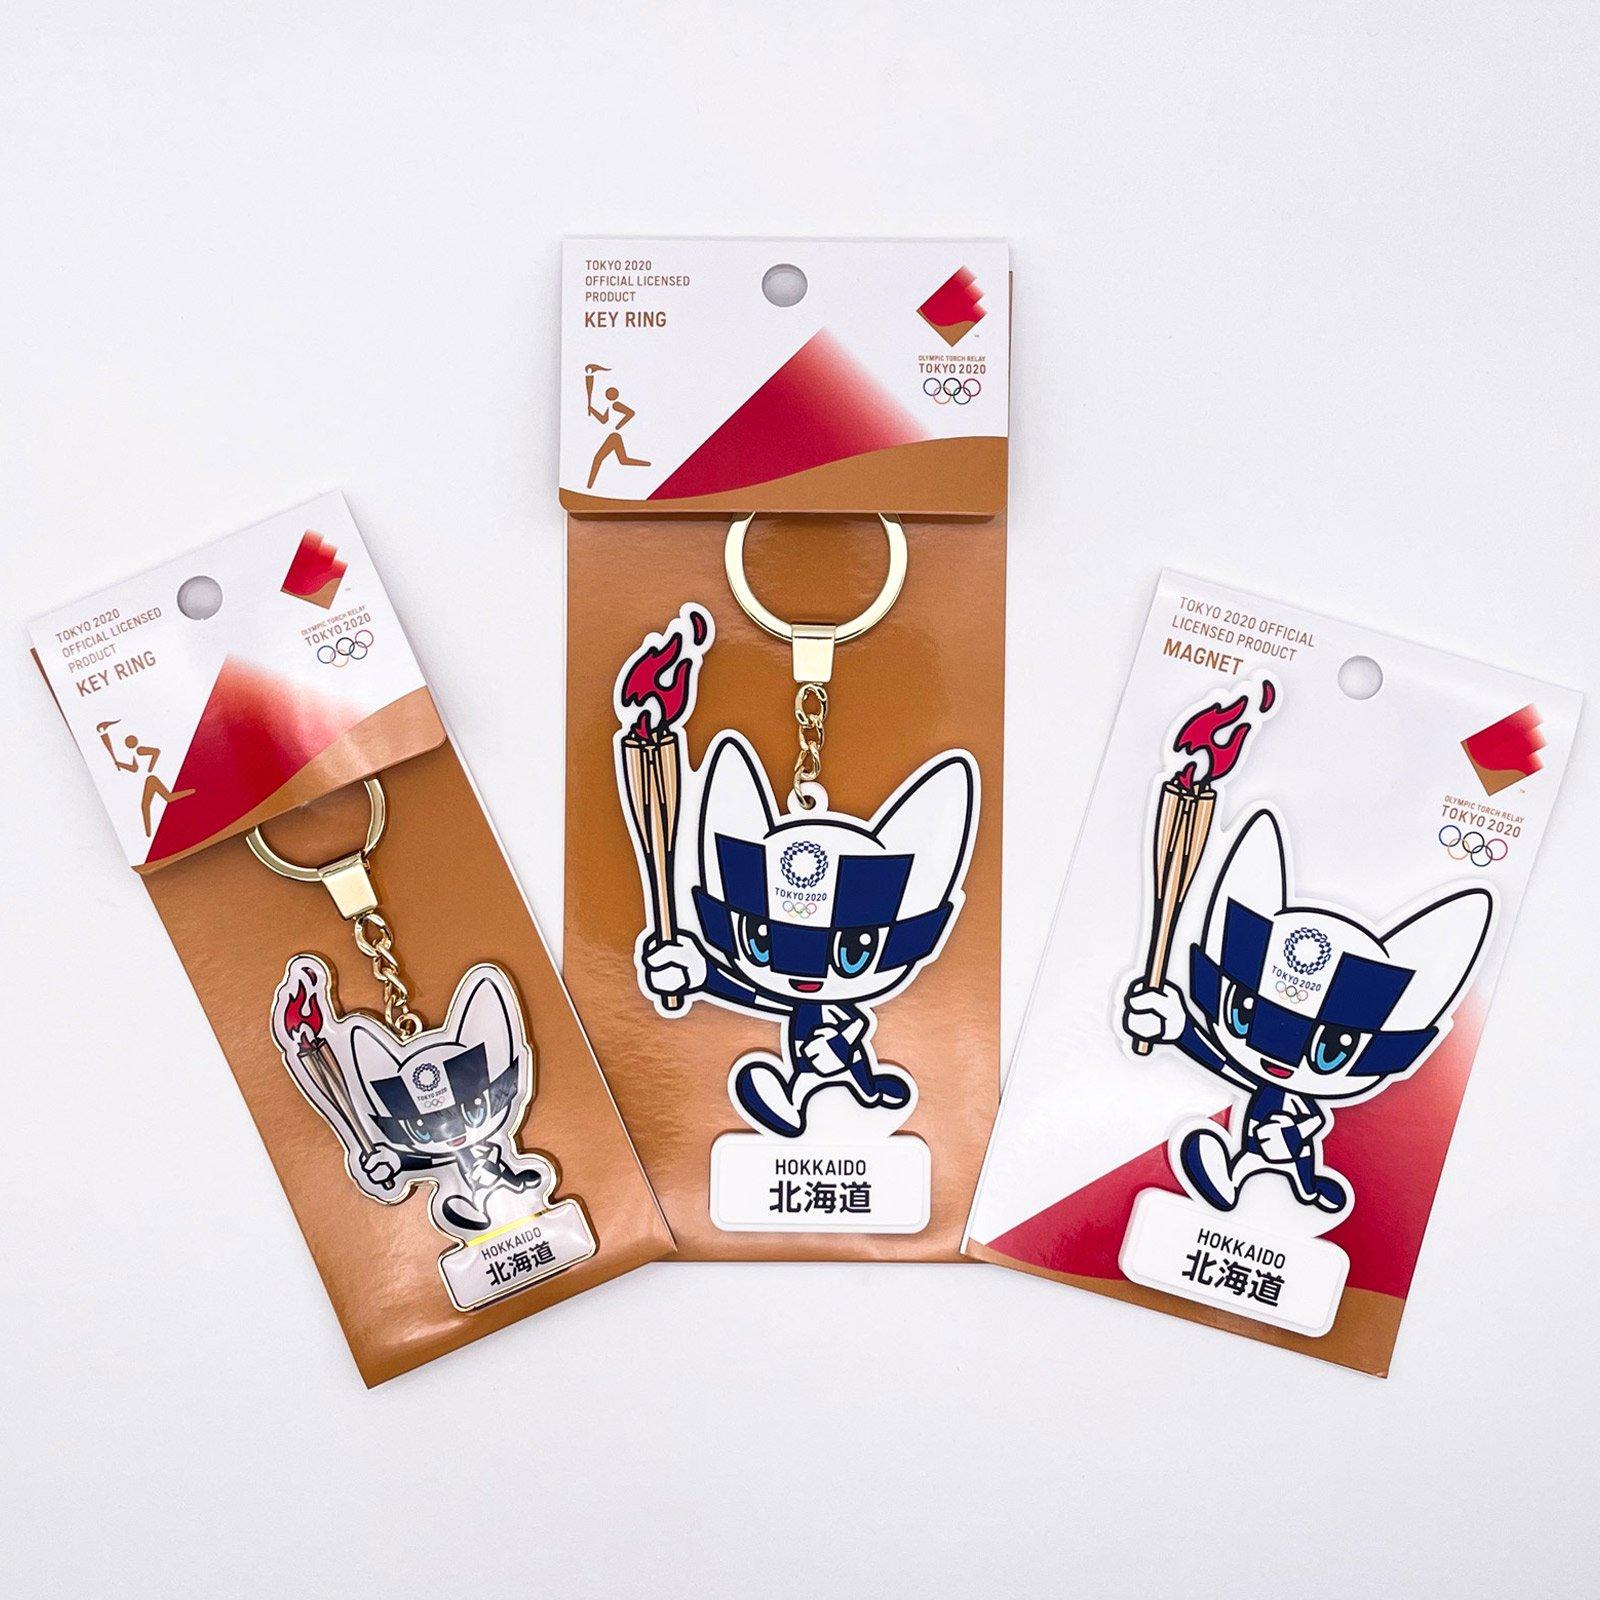 【セール価格】【お得なセット】東京2020オリンピック聖火リレーマスコット商品:北海道セット